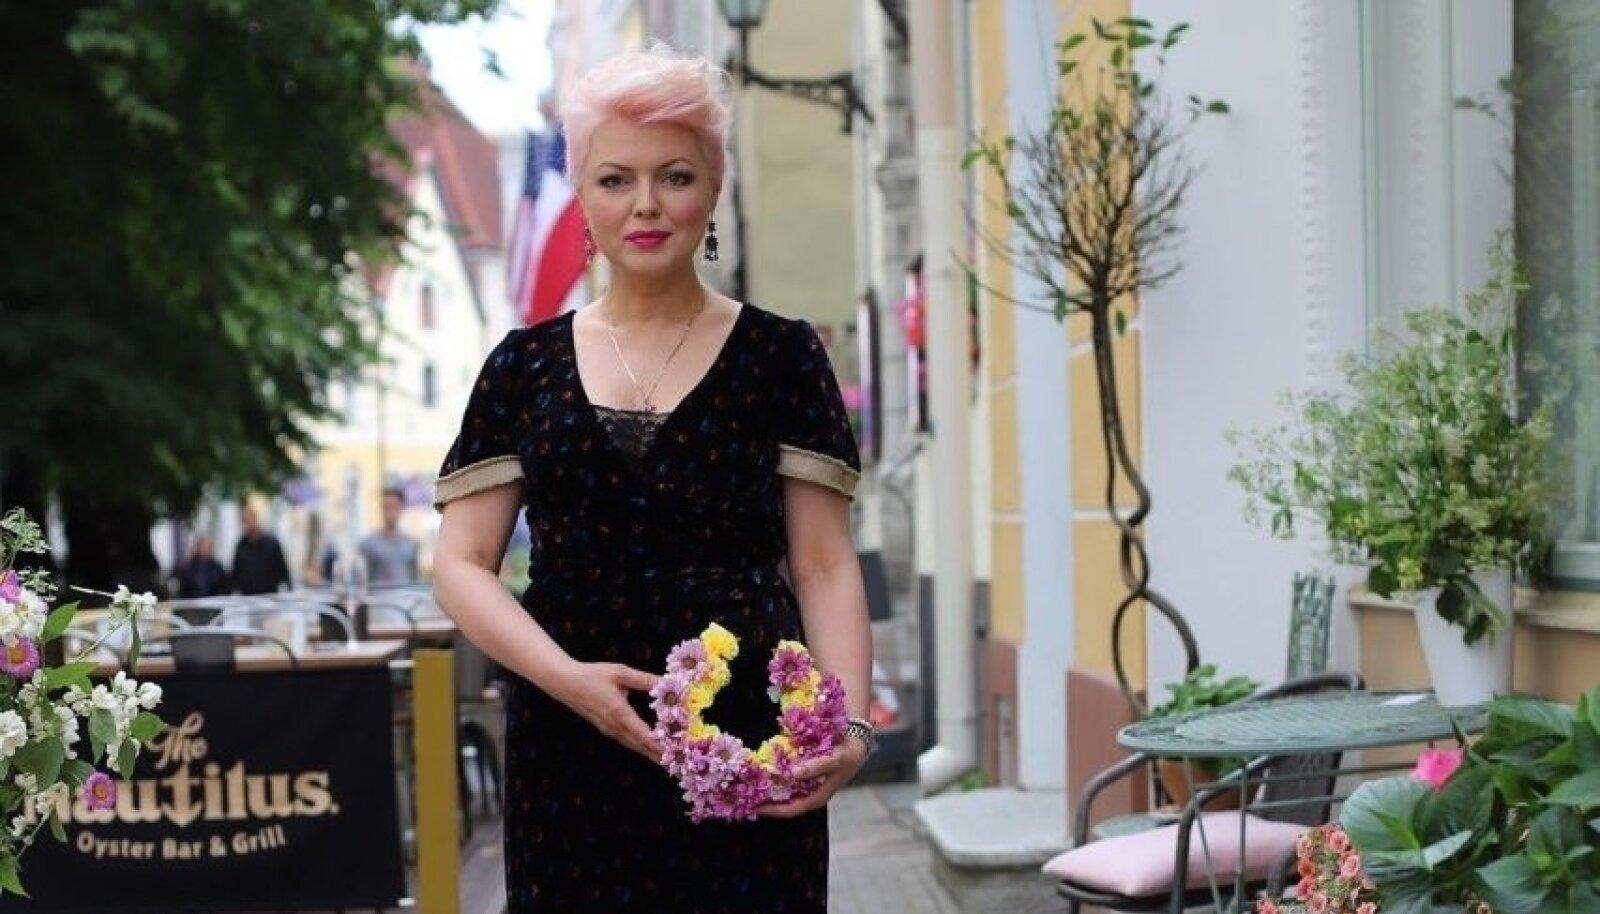 TÄNASES PÄEVAS Beatrice ütleb, et armastab riietusega jätkuvalt eksperimenteerida. Ta värvib juukseid päris sageli - praegu on ta roosade juustega. Fotol oma Tallinna vanalinnas asuva baari Mull ees.